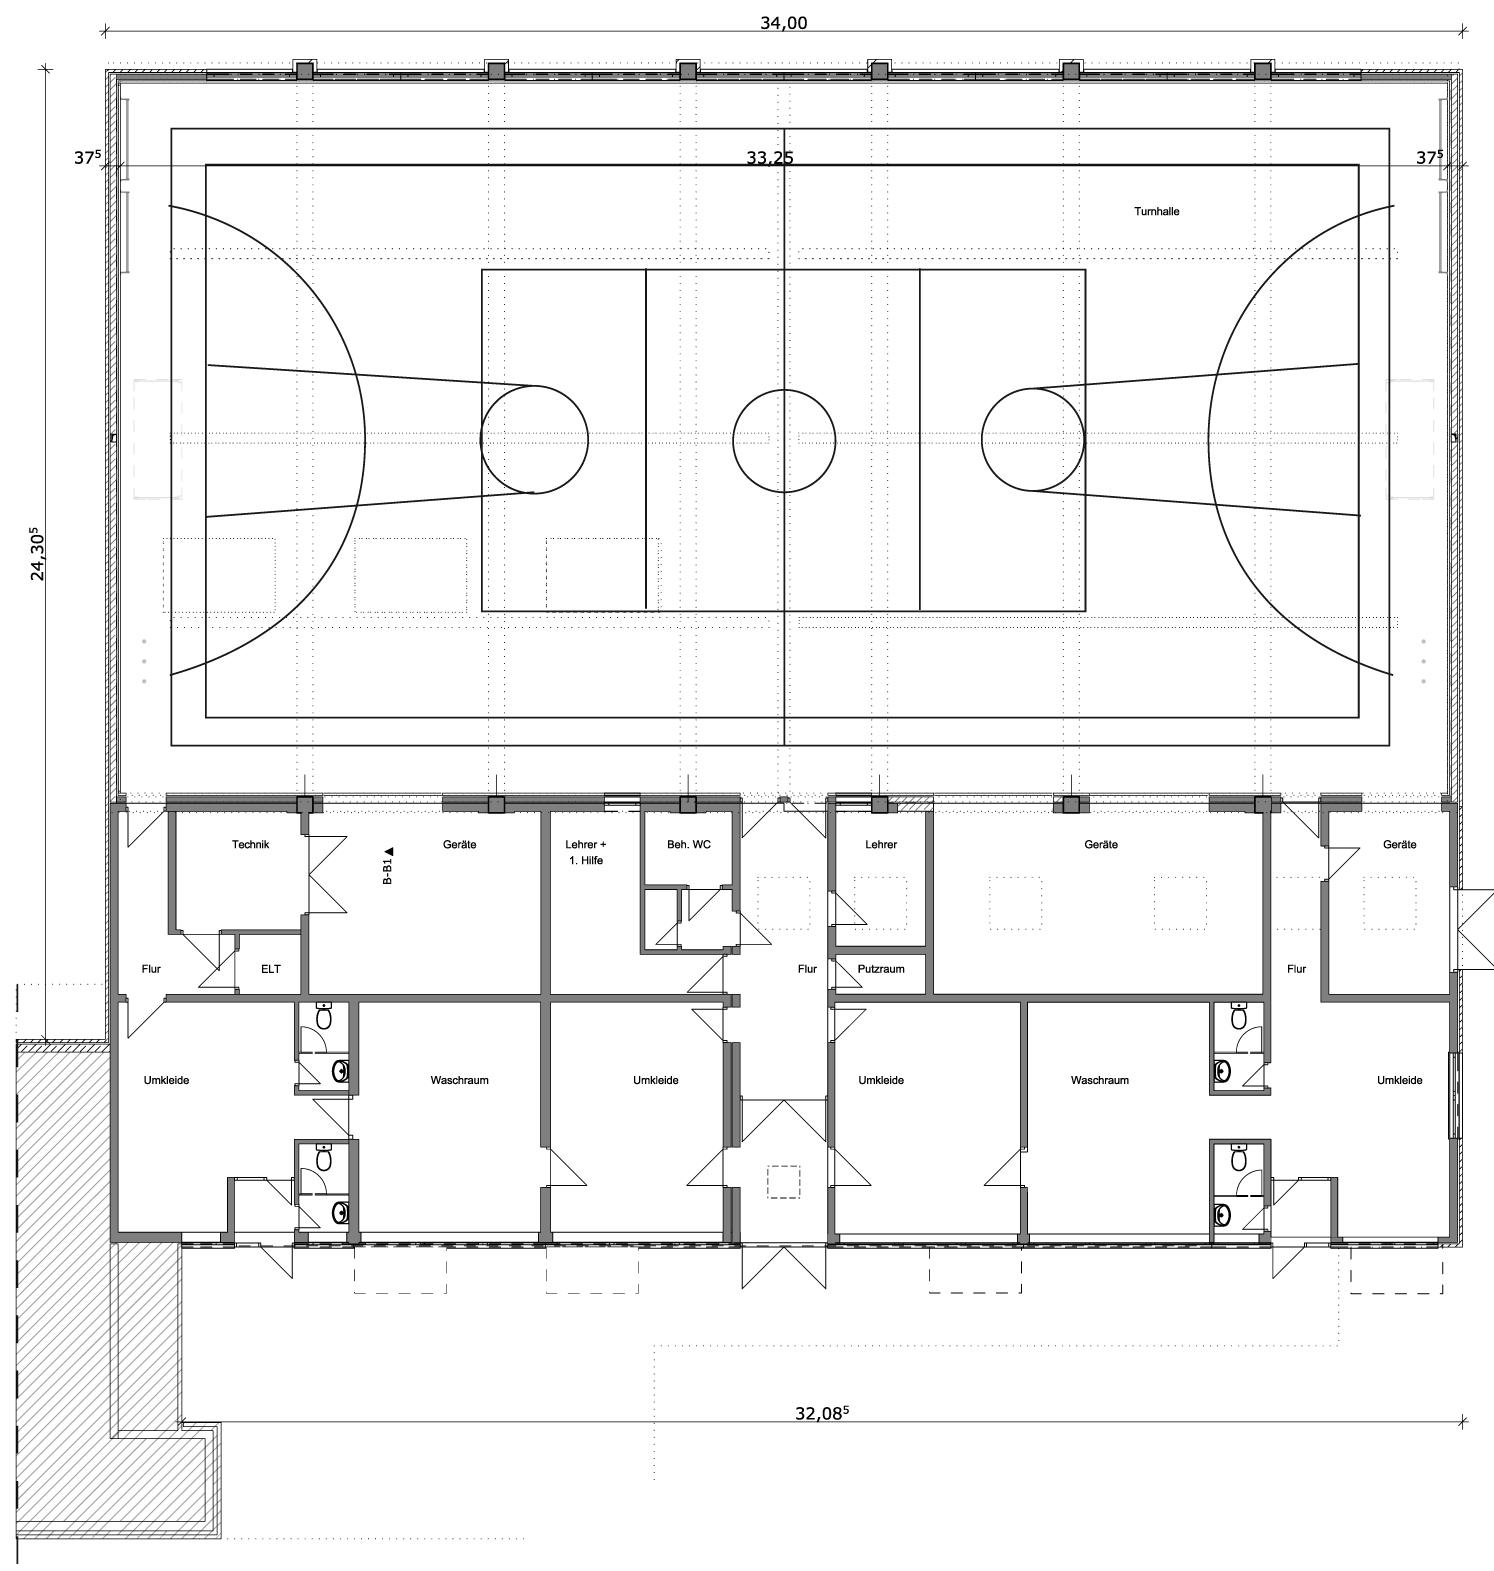 Sporthalle, Grundriss, Nordgrundschule, Berlin